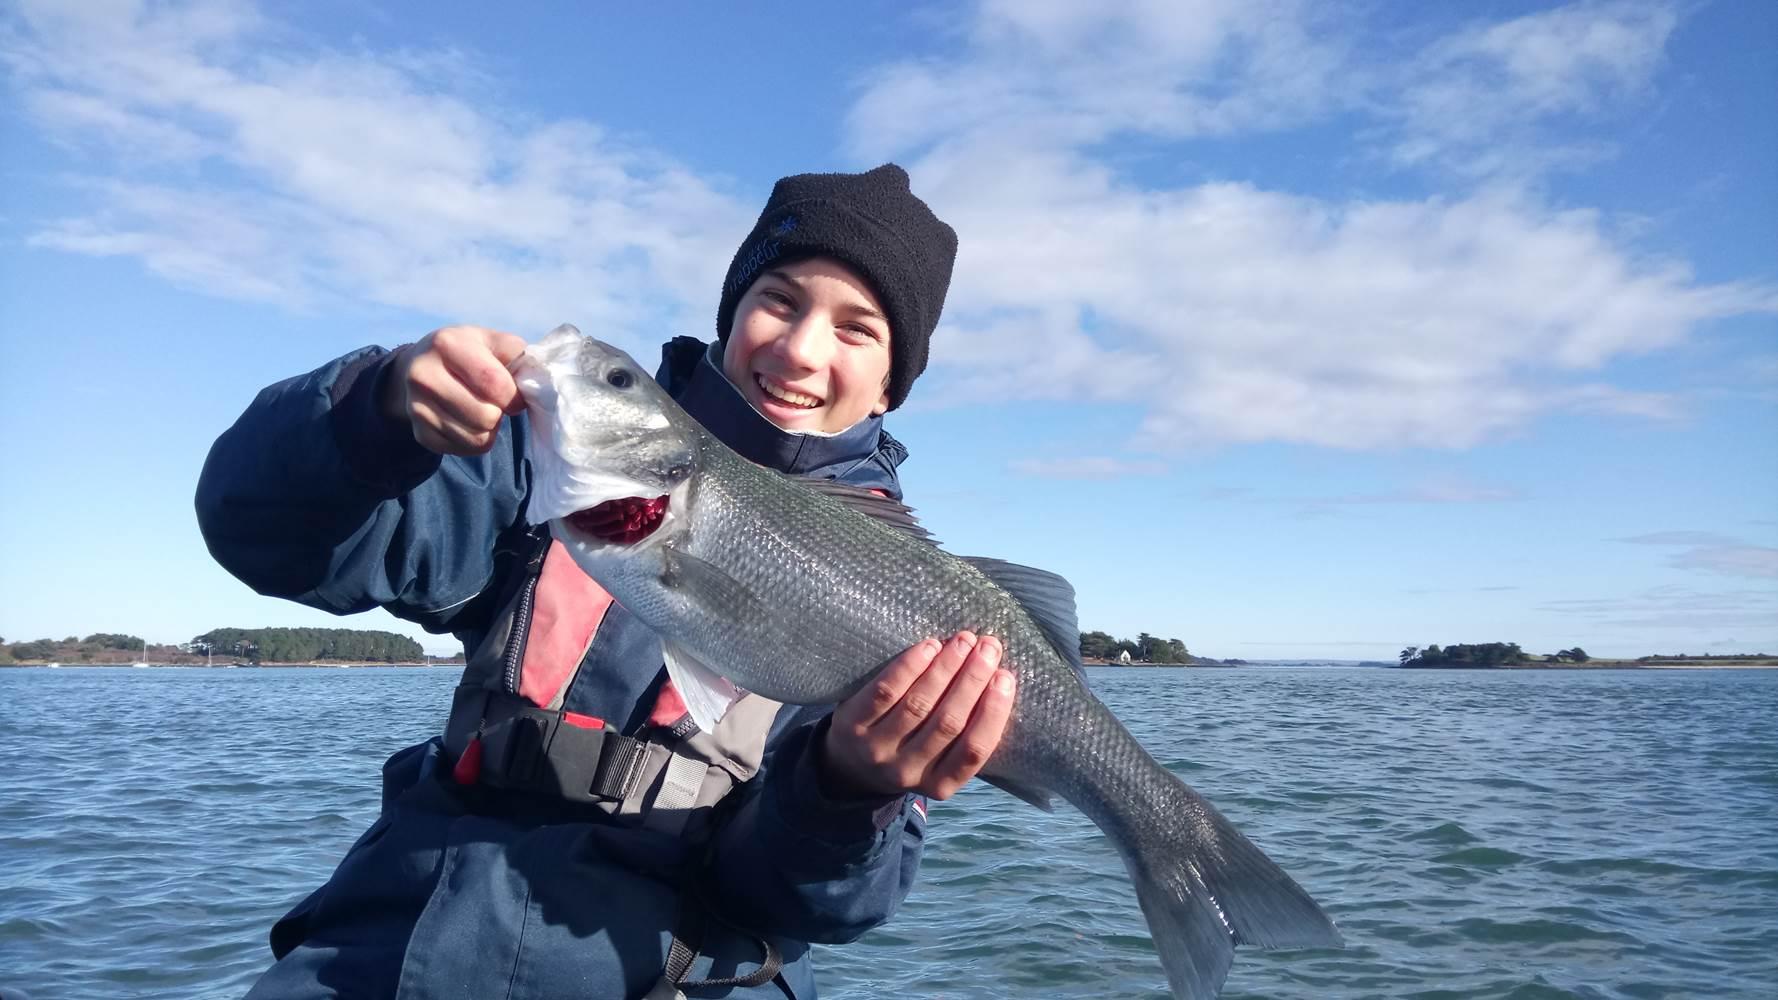 Le sourire de François-Xavier en dit long sur son état d'esprit lors de sa sortie pêche en mer ©